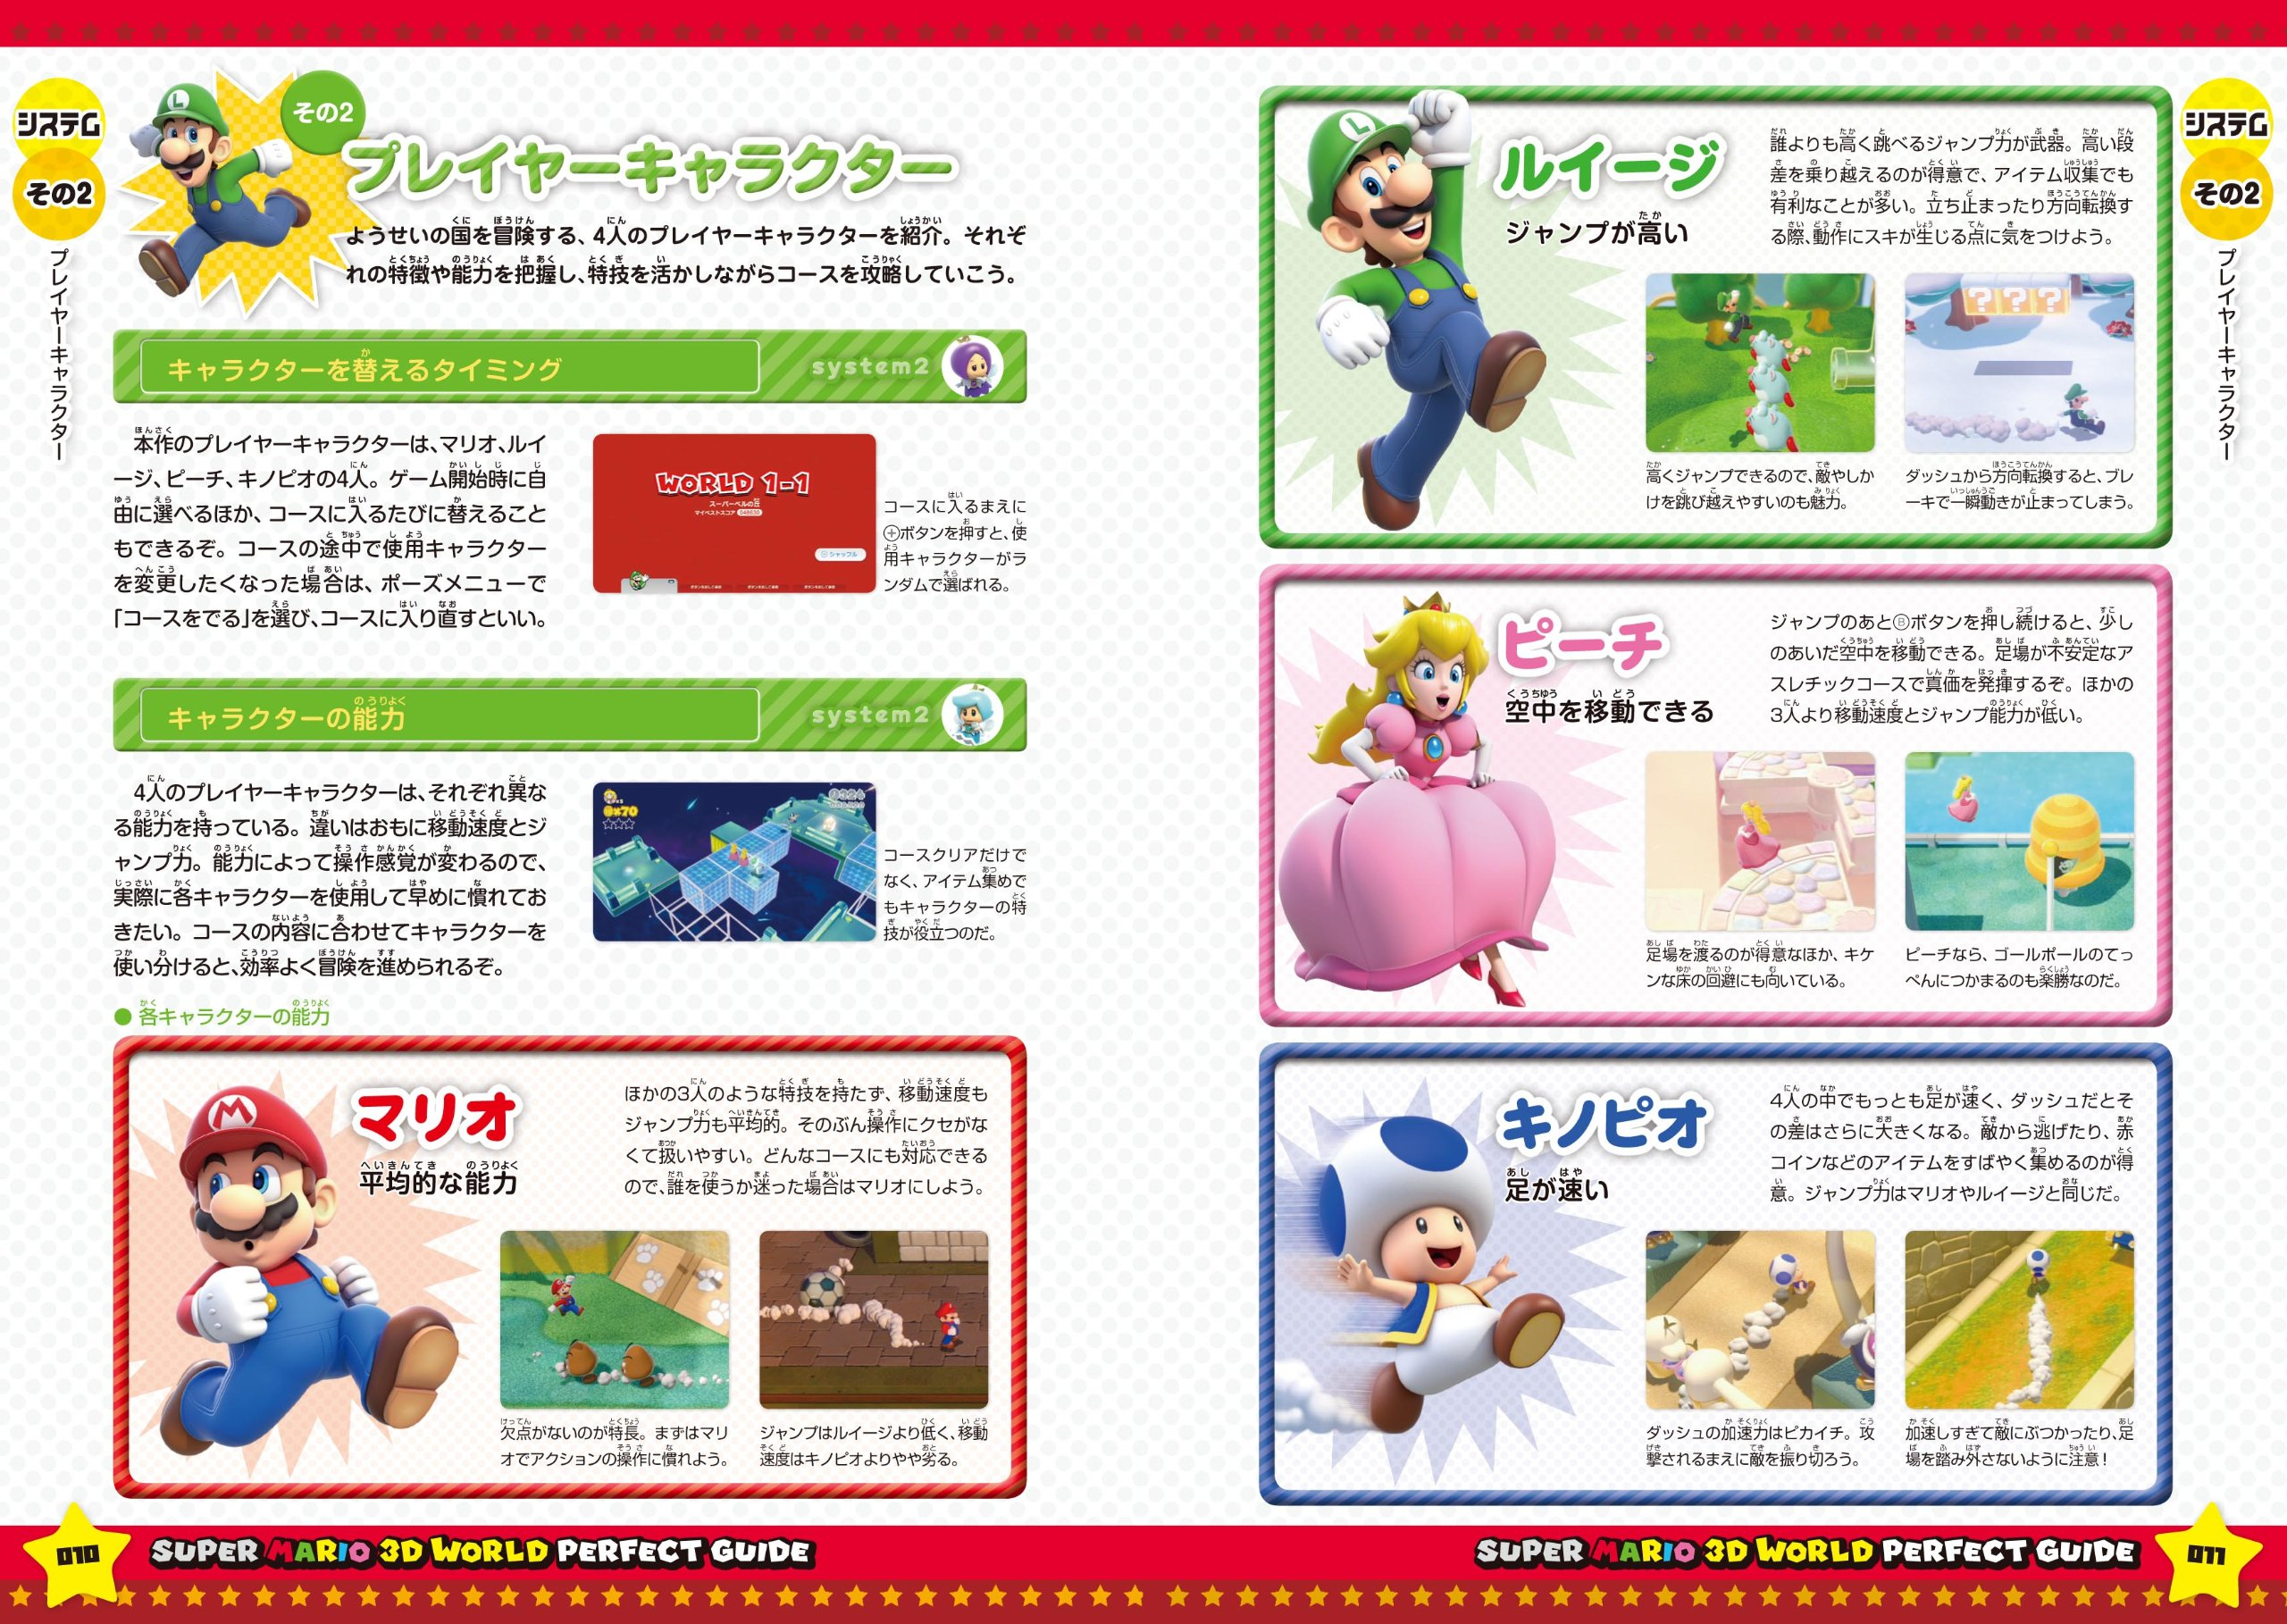 ワールド 3d スーパー ワールド 攻略 フューリー マリオ